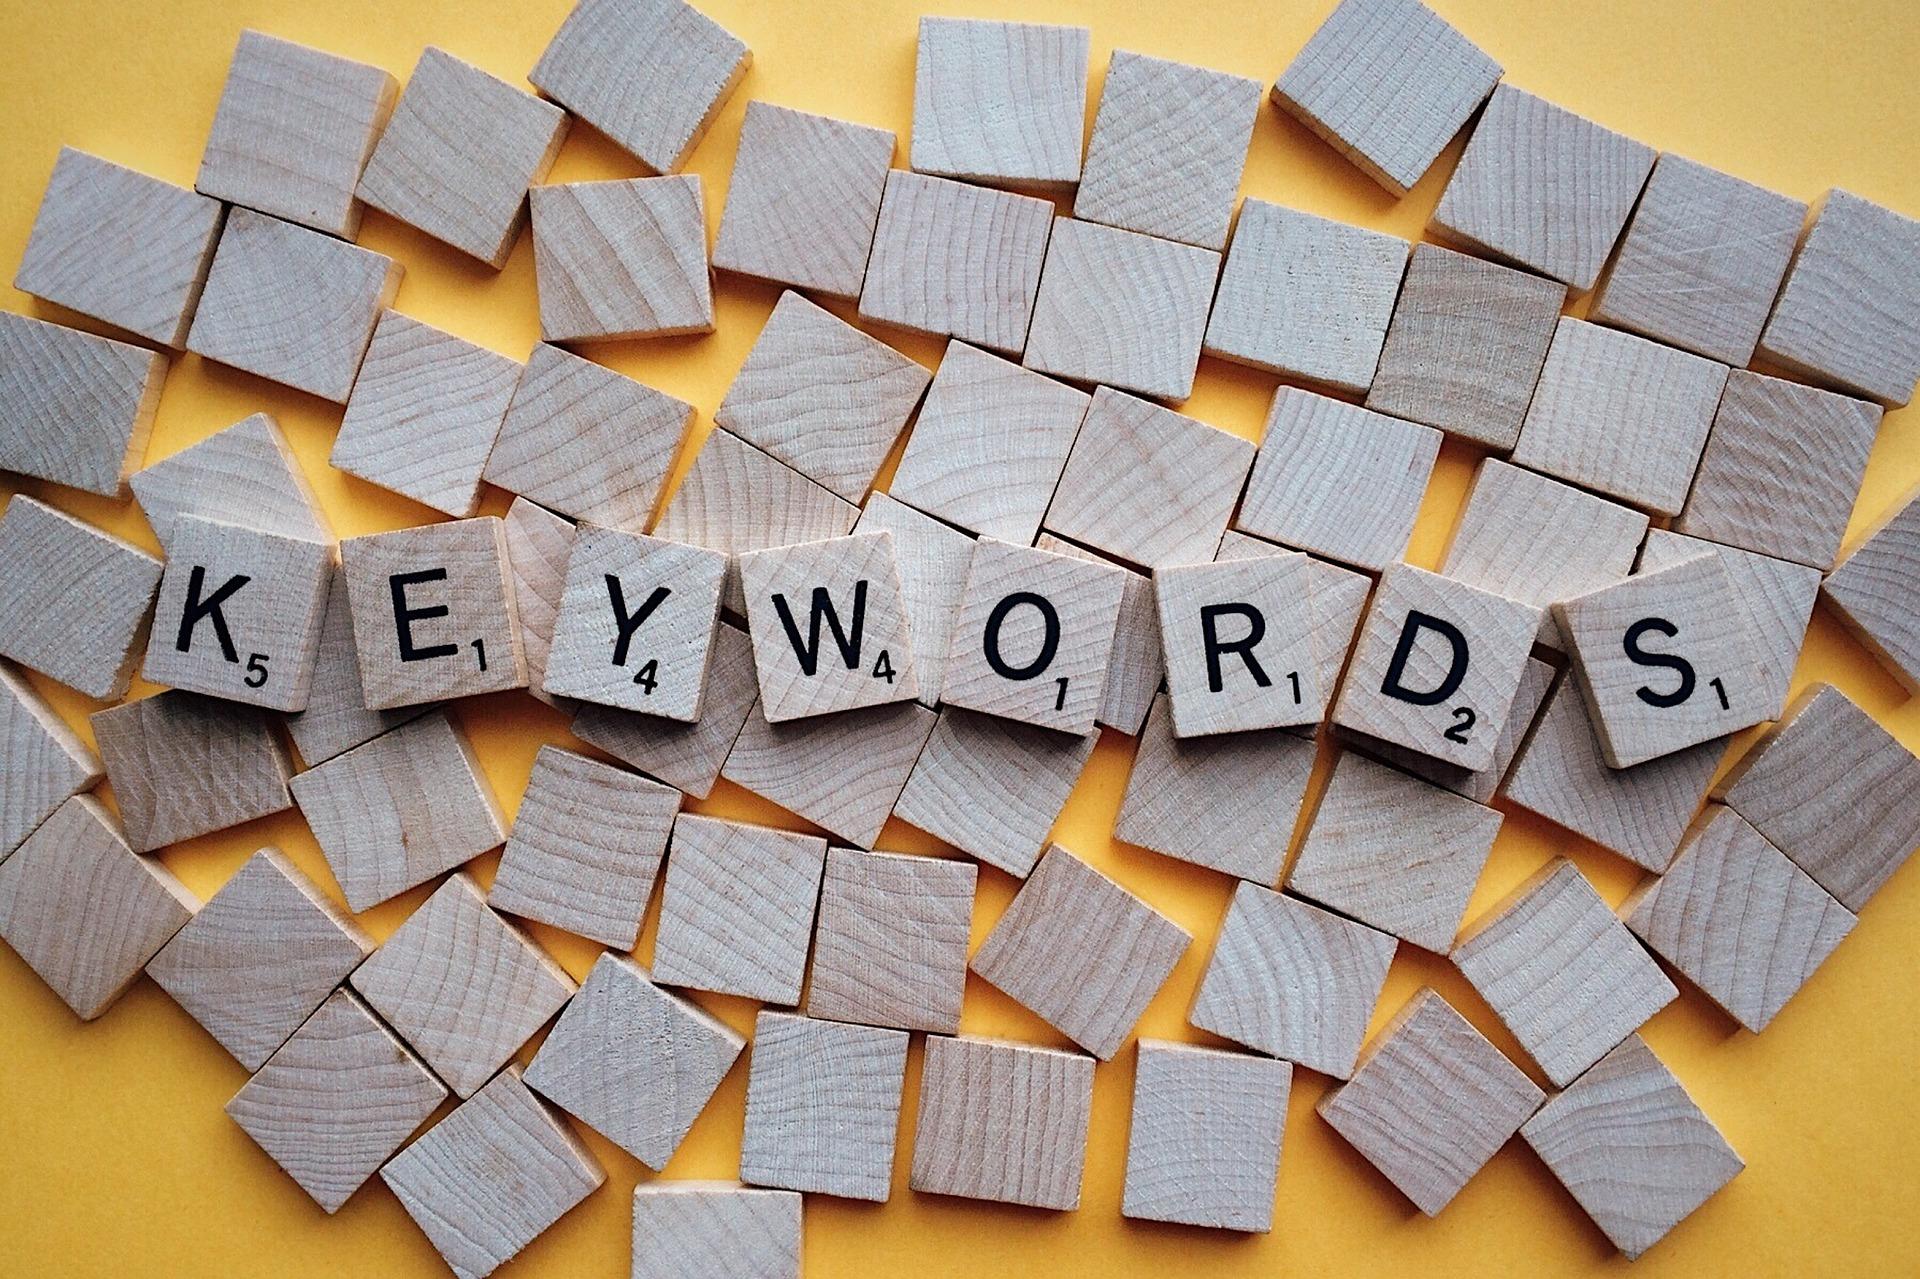 intitleとallintitle検索で上位表示できる記事タイトルの探し方とは?